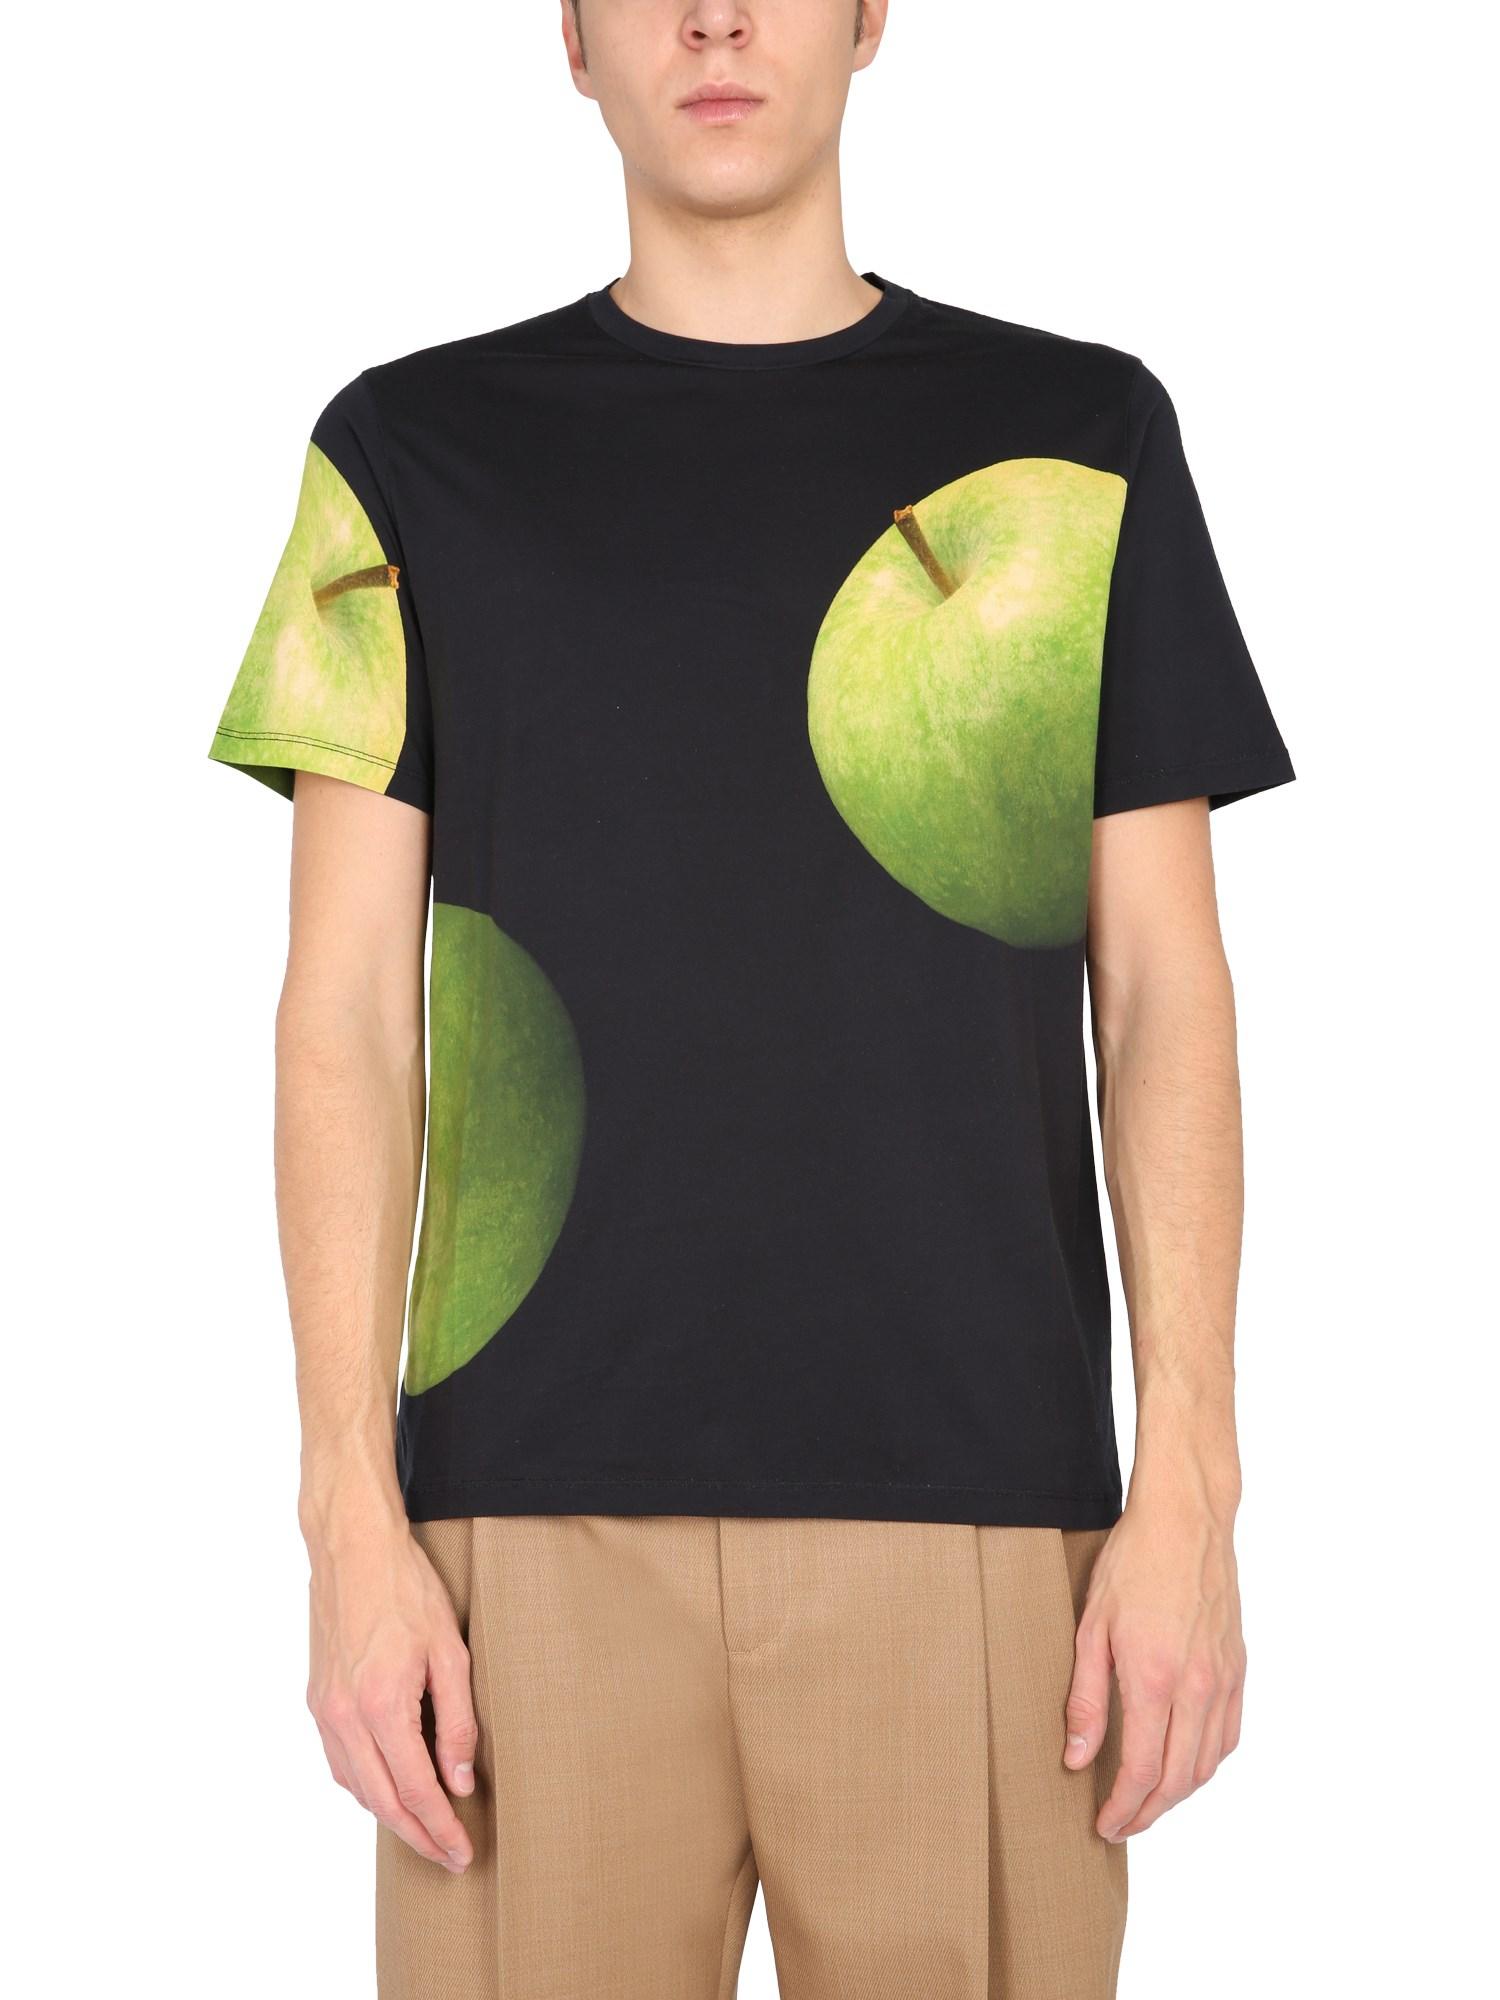 Paul Smith T-shirts T-SHIRT GIROCOLLO